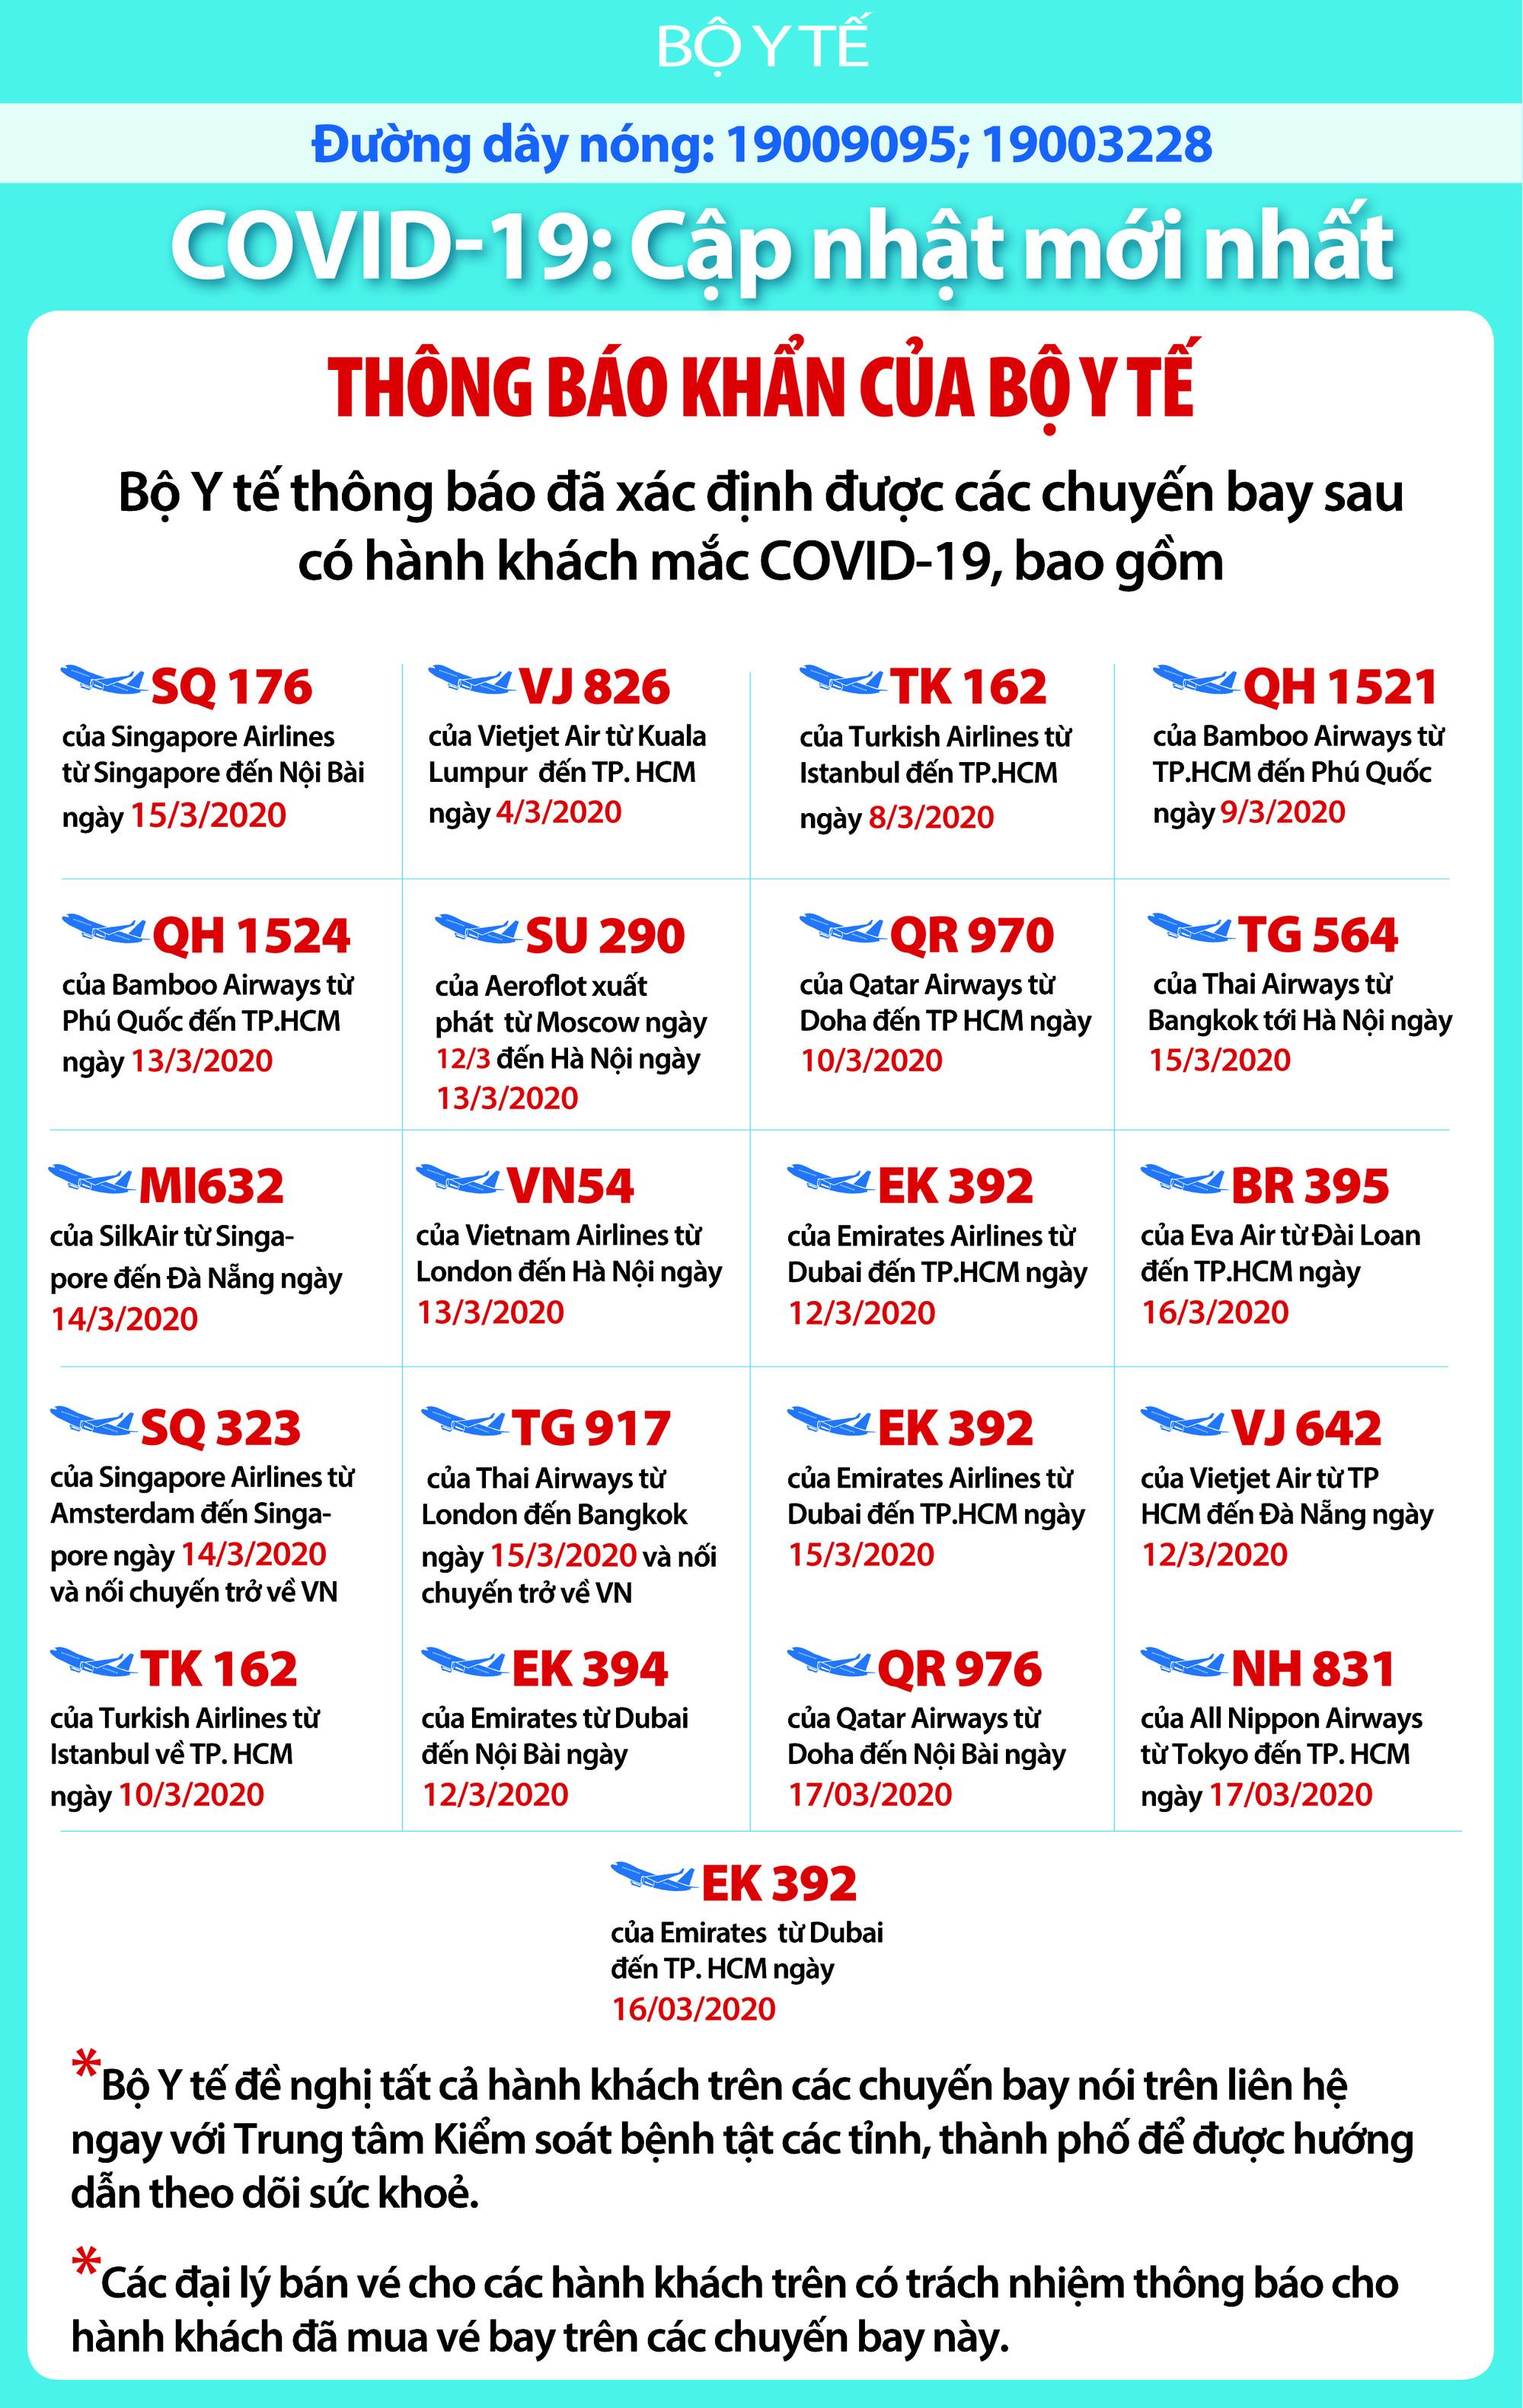 Cập nhật tình hình virus corona hôm nay 24/3: Mỹ ghi nhận hơn 8.000 ca nhiễm sau 1 đêm, Việt Nam đã có 123 người mắc Covid-19 - Ảnh 1.